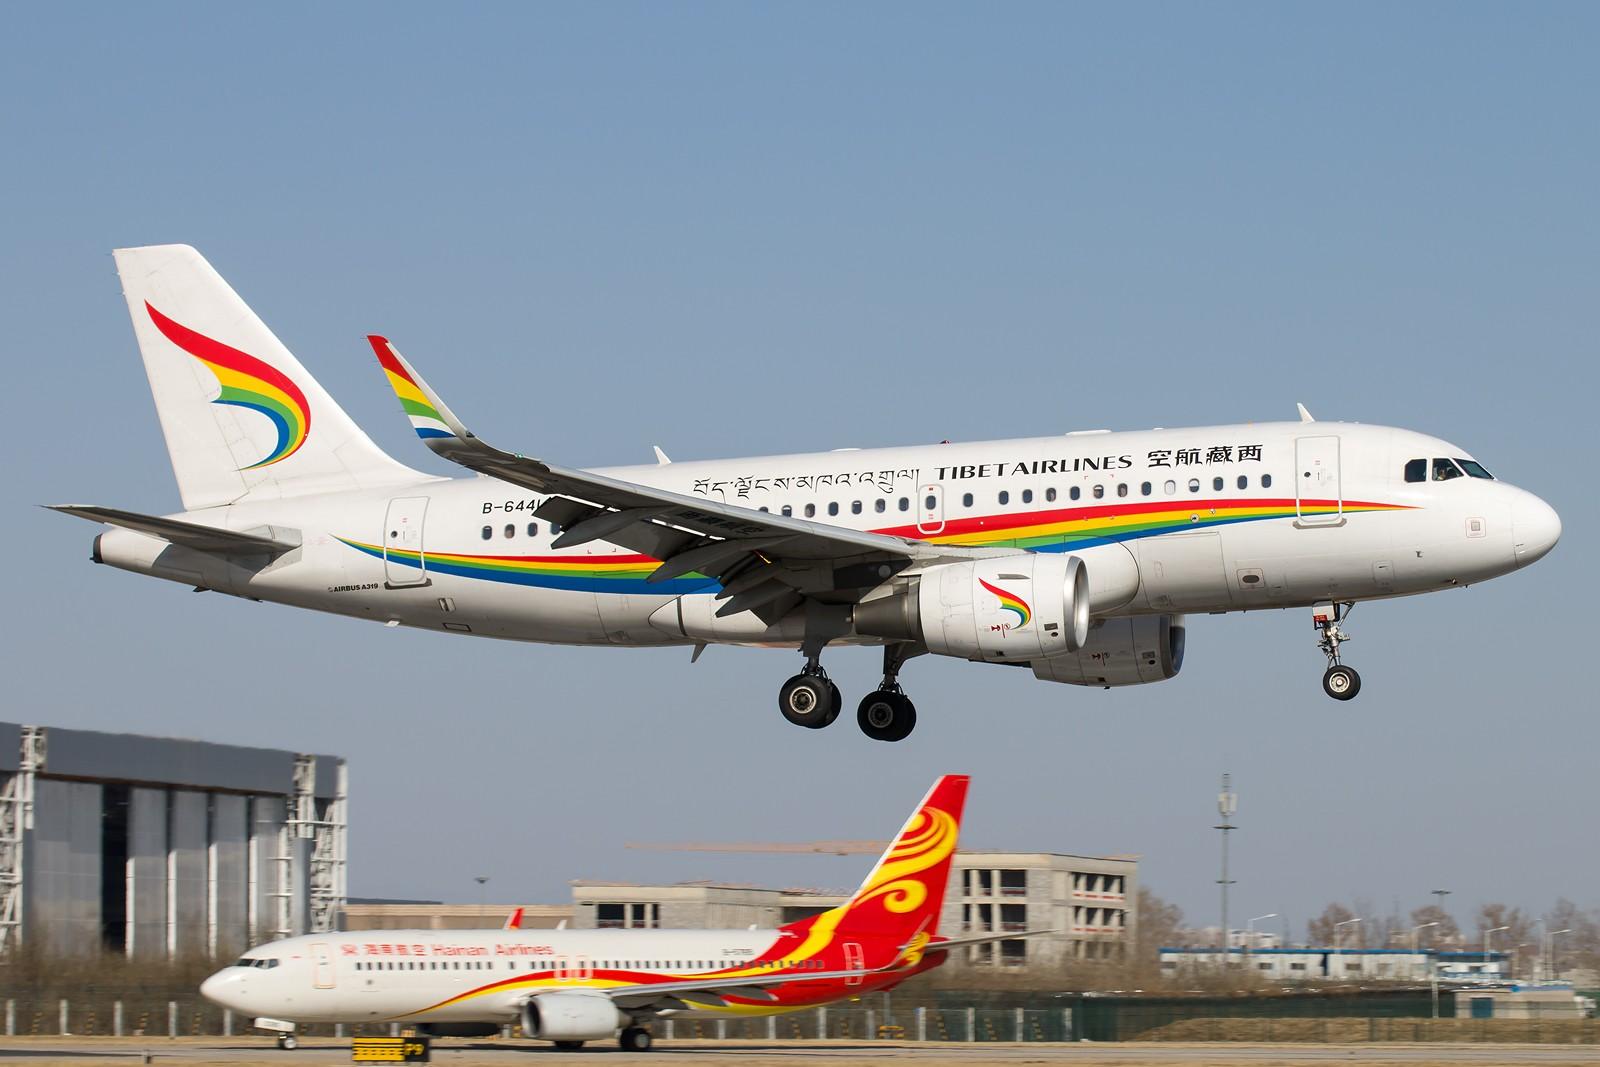 Re:[原创]常规货一组[10pics] AIRBUS A319-100 B-6441 中国北京首都国际机场